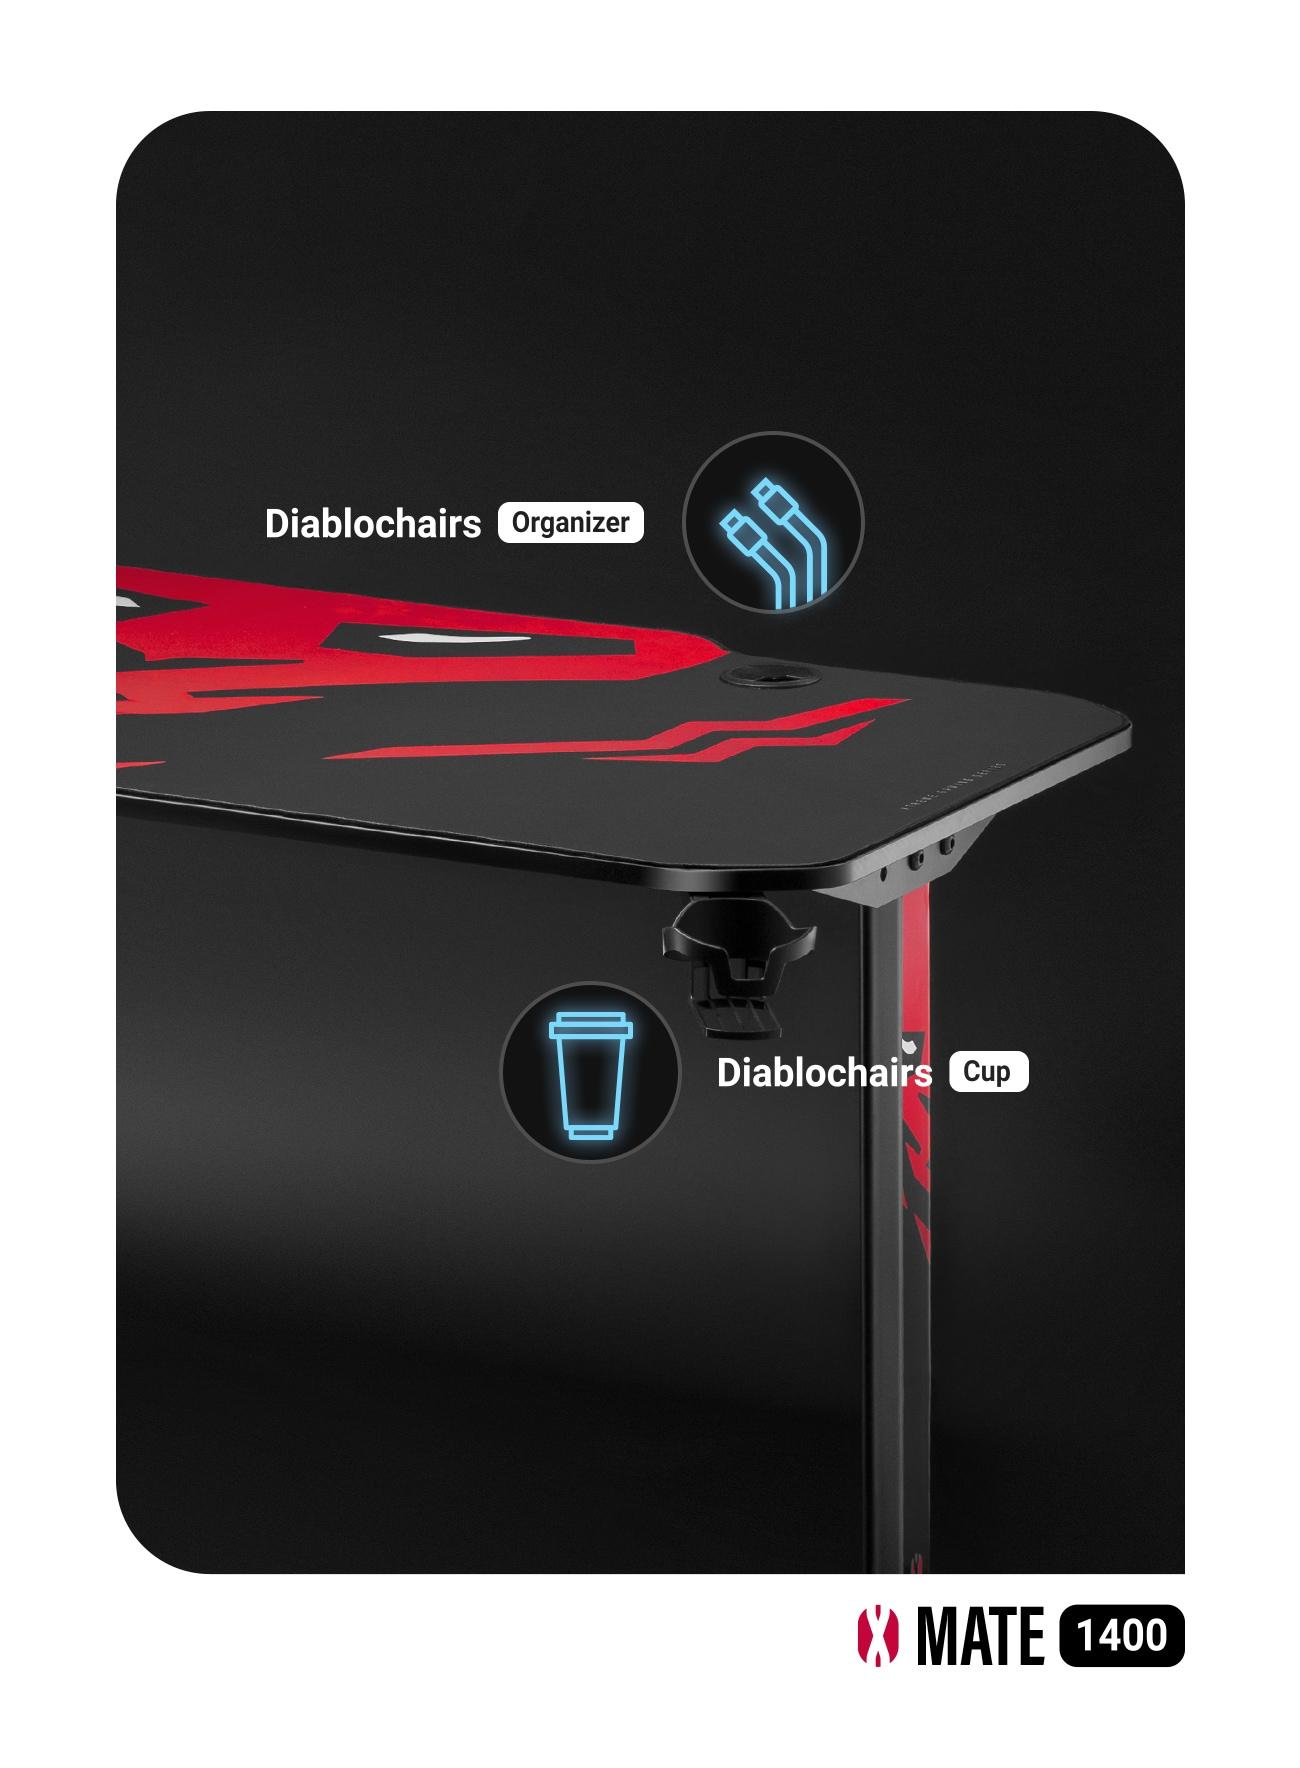 Biurko Gamingowe Diablo X-Mate 1400 Black/Red Gaming - 10